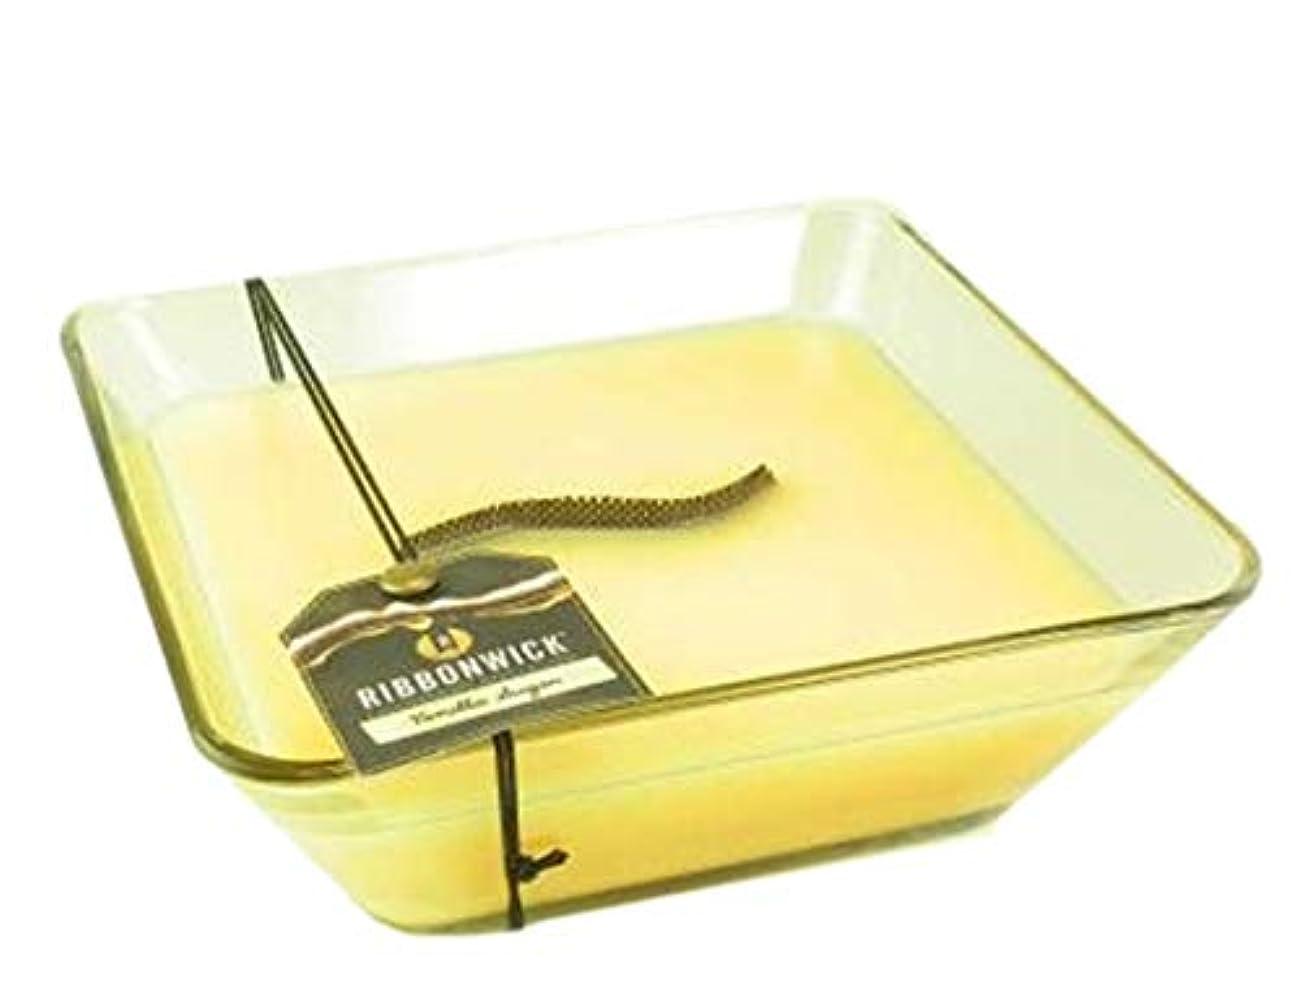 過激派オピエートに勝る1 xバニラ砂糖装飾ガラス – RibbonWick Scented Candle